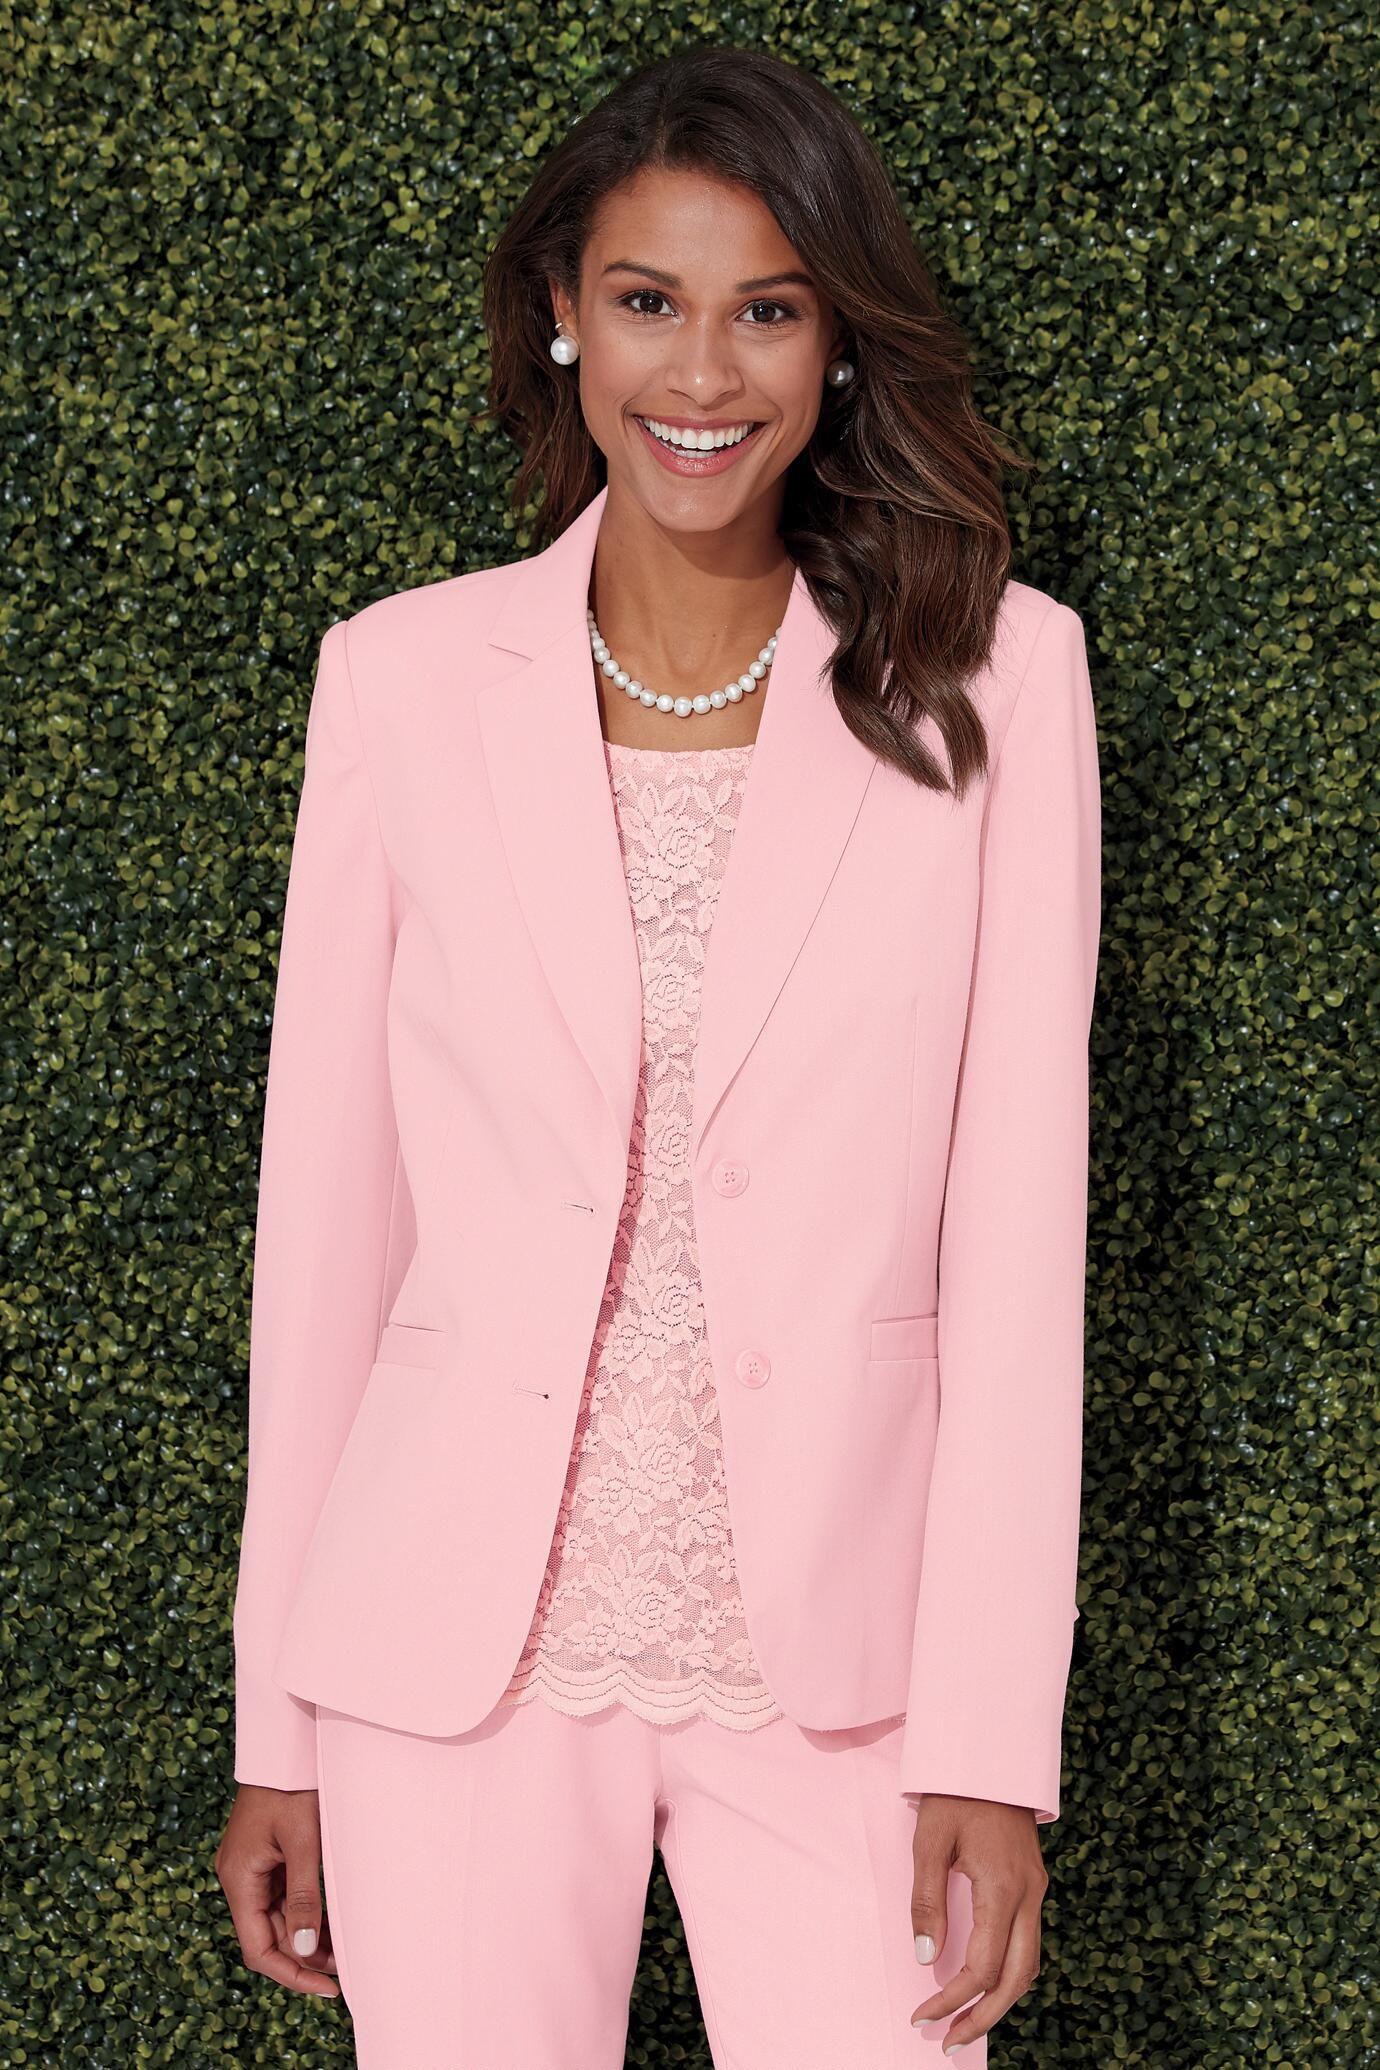 Suit Separates Blazer Career Pinterest Blazer Suits And Suit